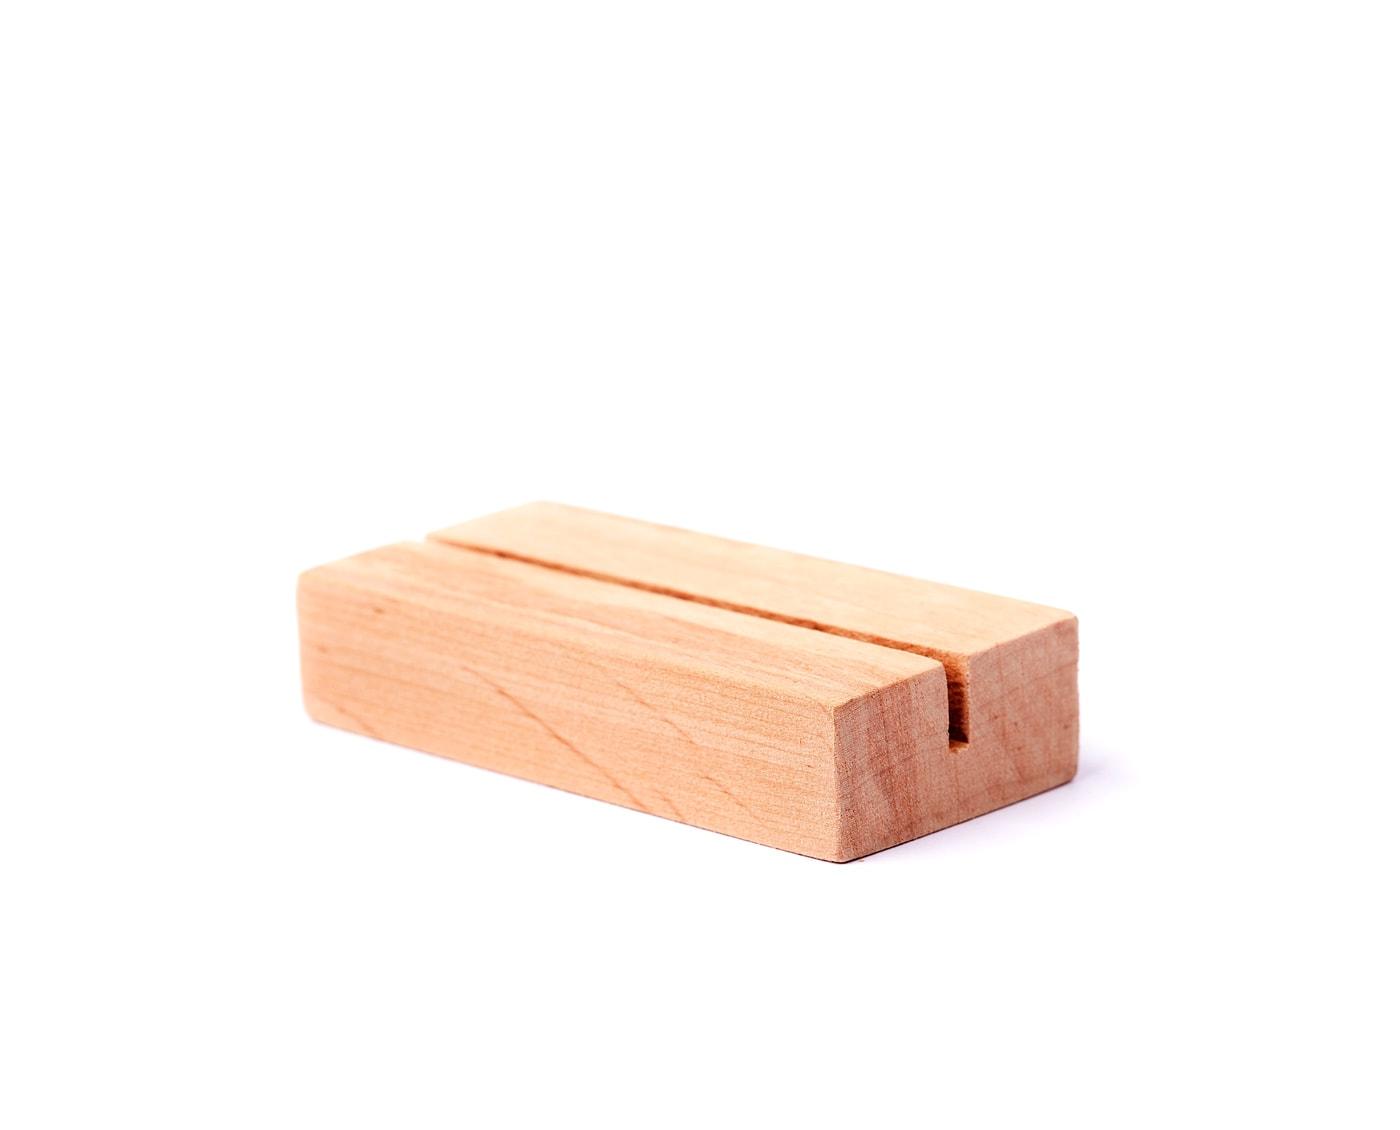 Podstawki z surowego drewna, idealne na wydruki, zdjęcia i wizytówki